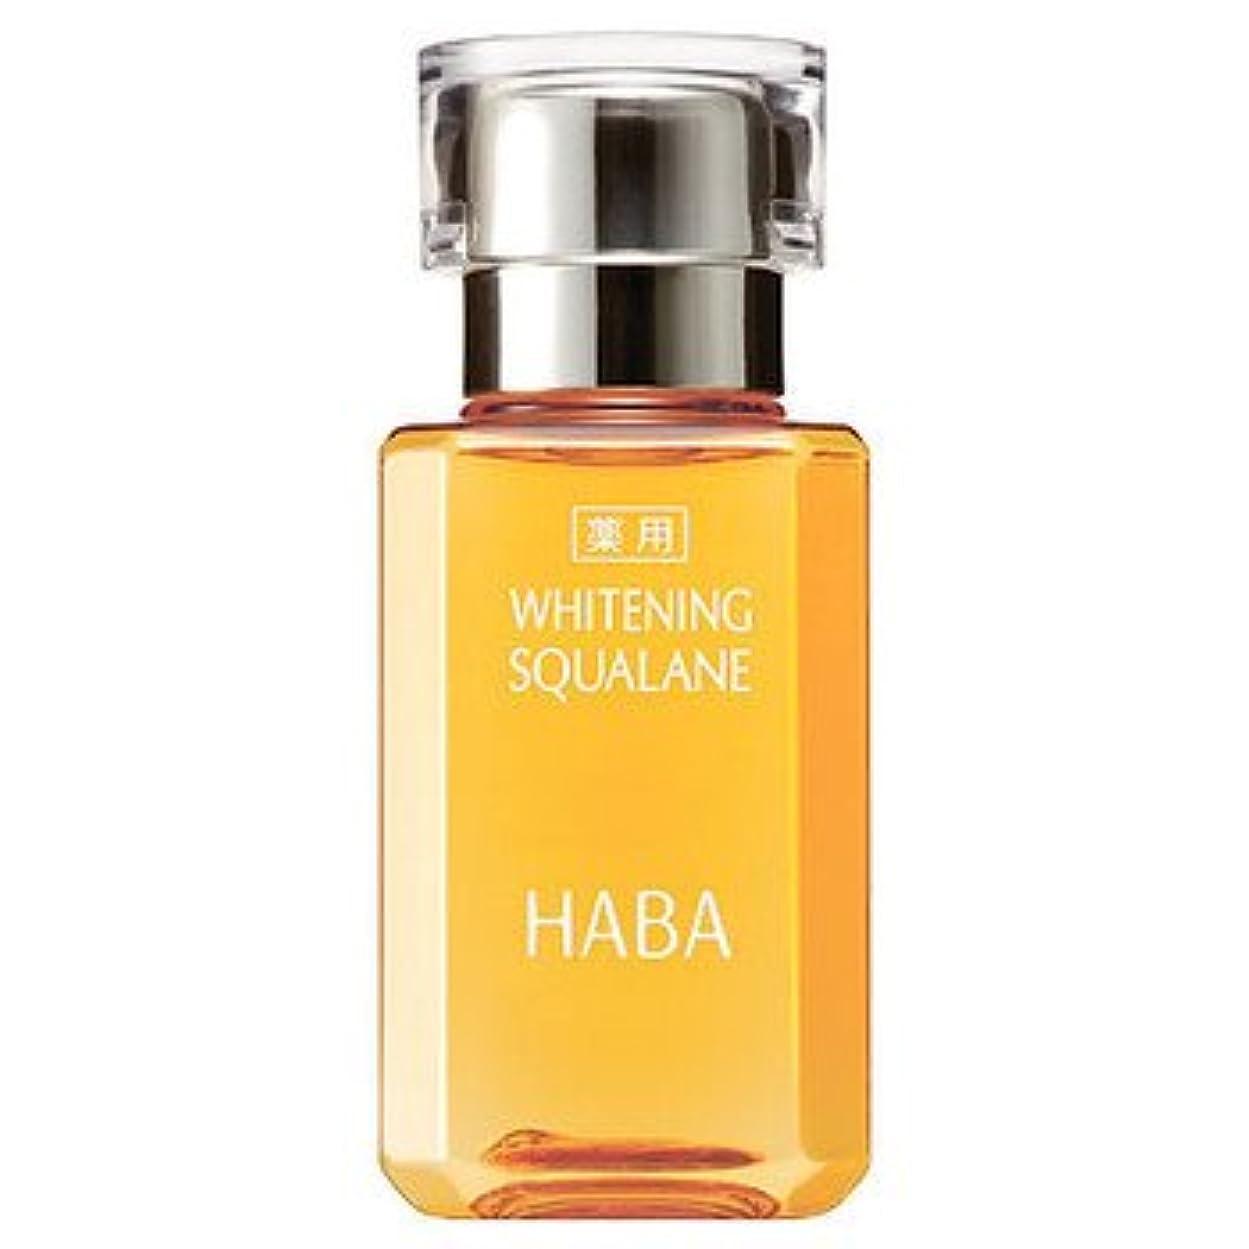 どこにでもアッティカス小川HABA ハーバー 薬用ホワイトニングスクワラン 30ml フェイスオイル (医薬部外品) [並行輸入品]